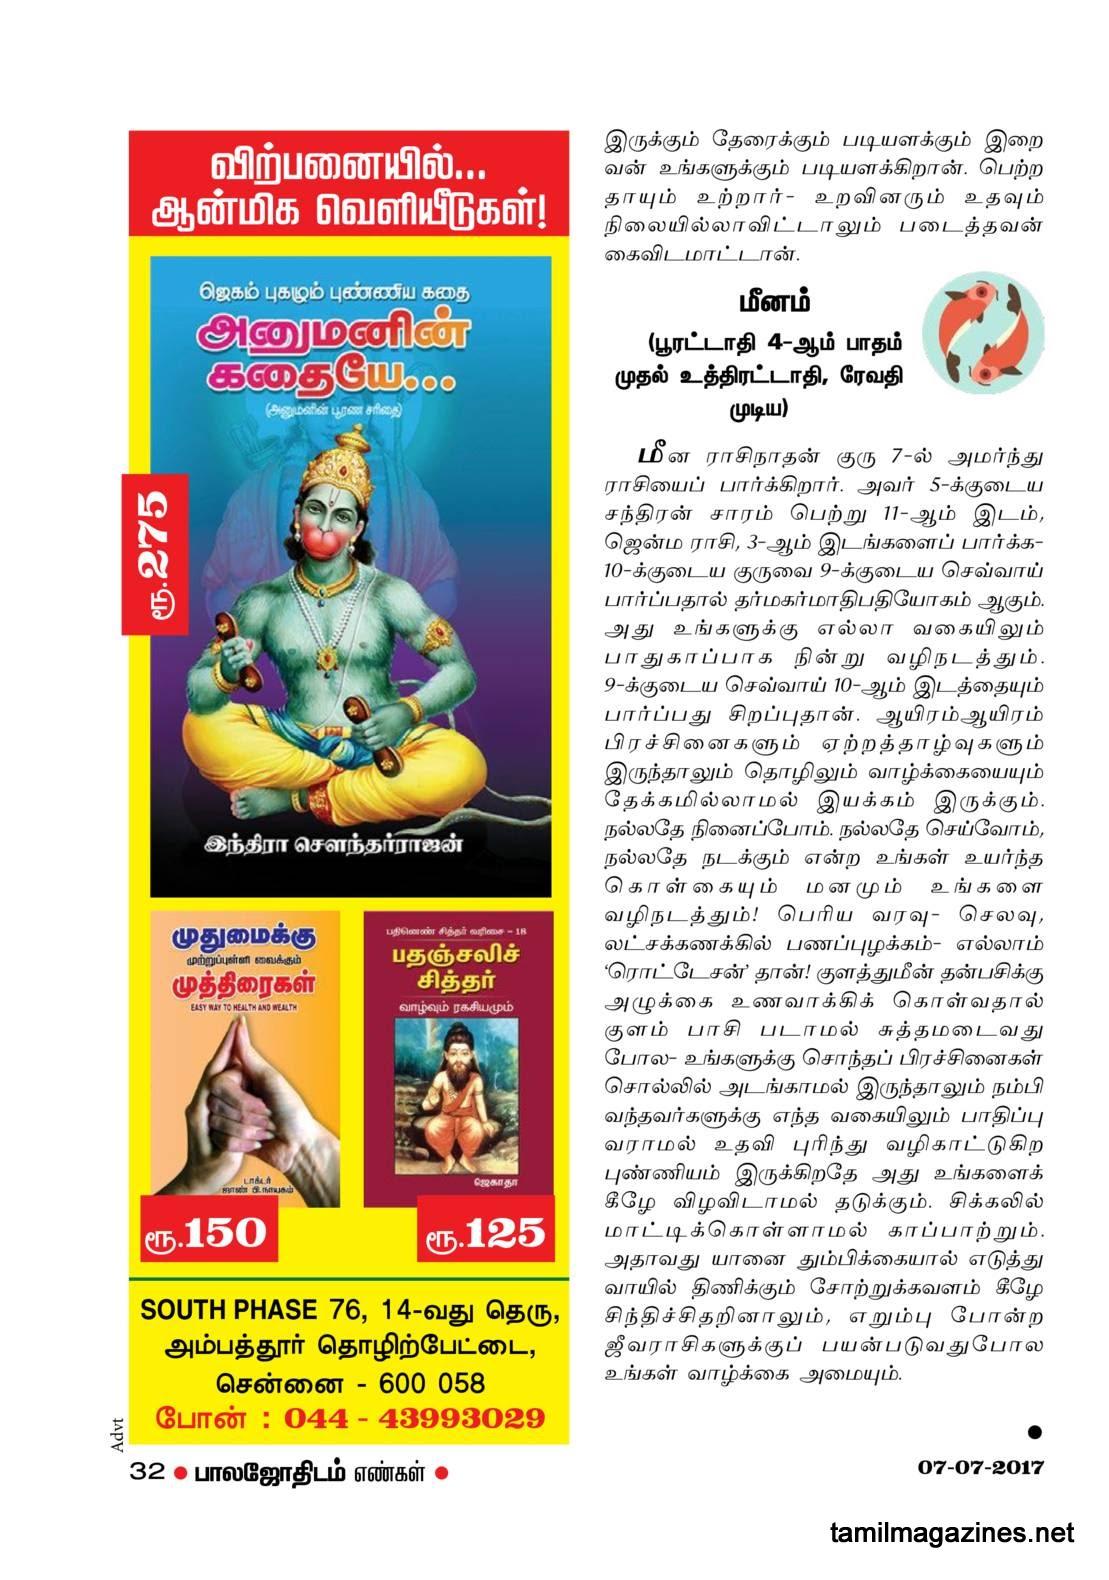 Balajothidam Raasi Palan July 4-10, 2017